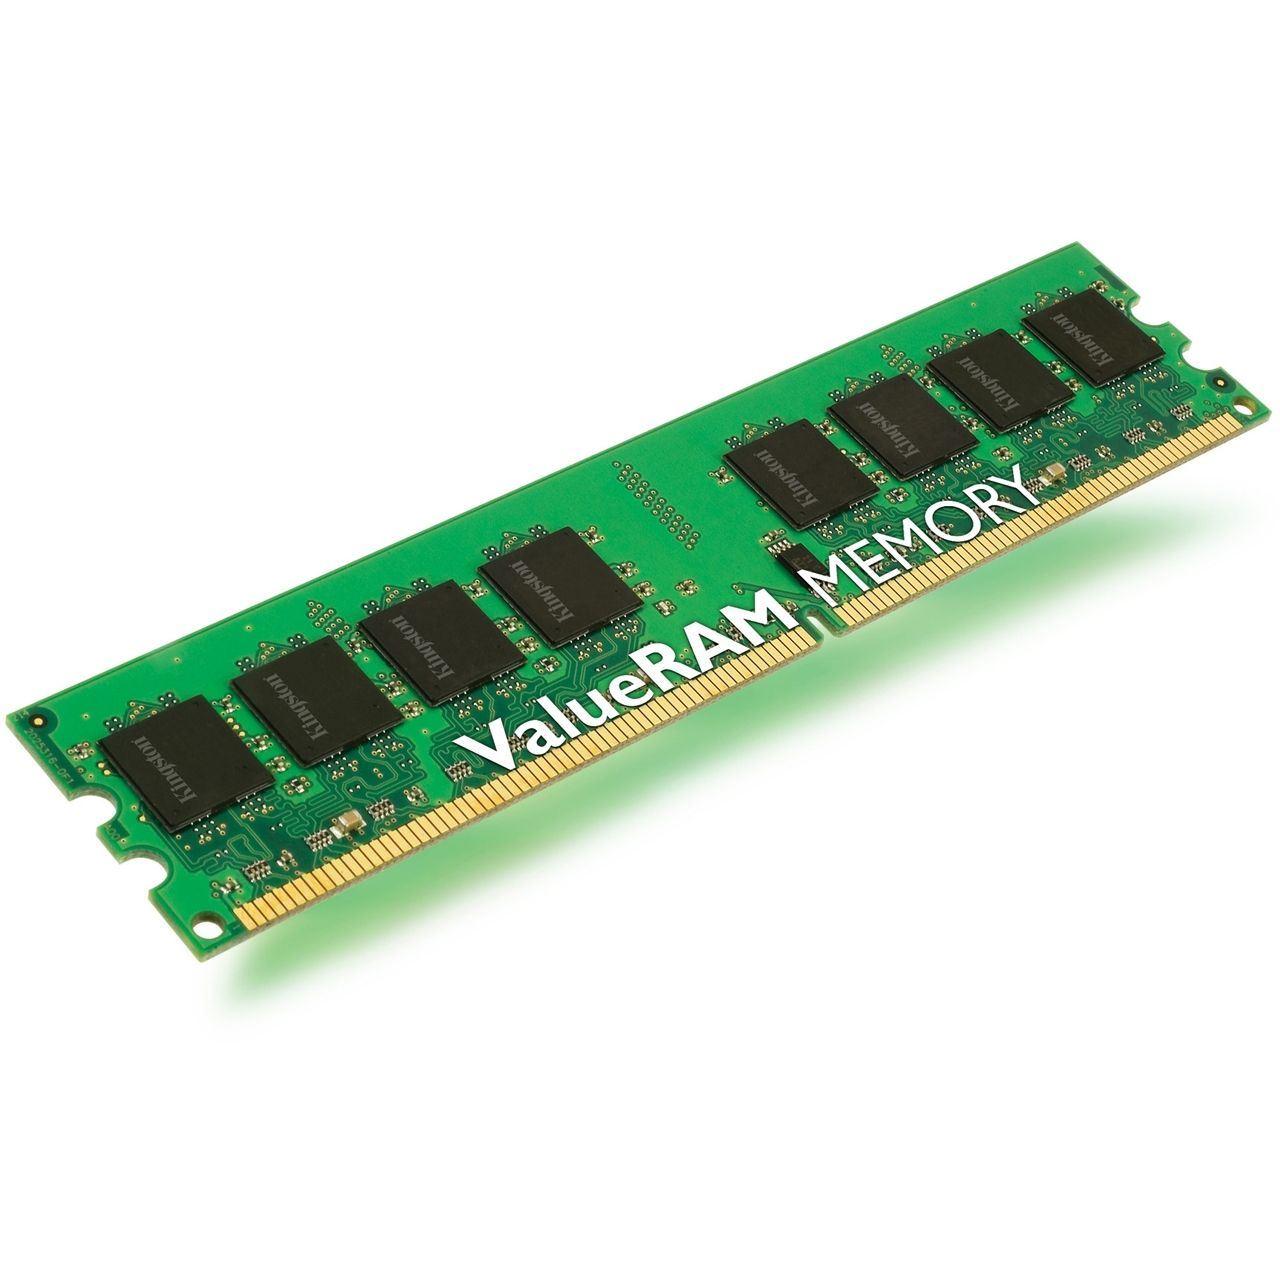 4 GB DDR3 RAM